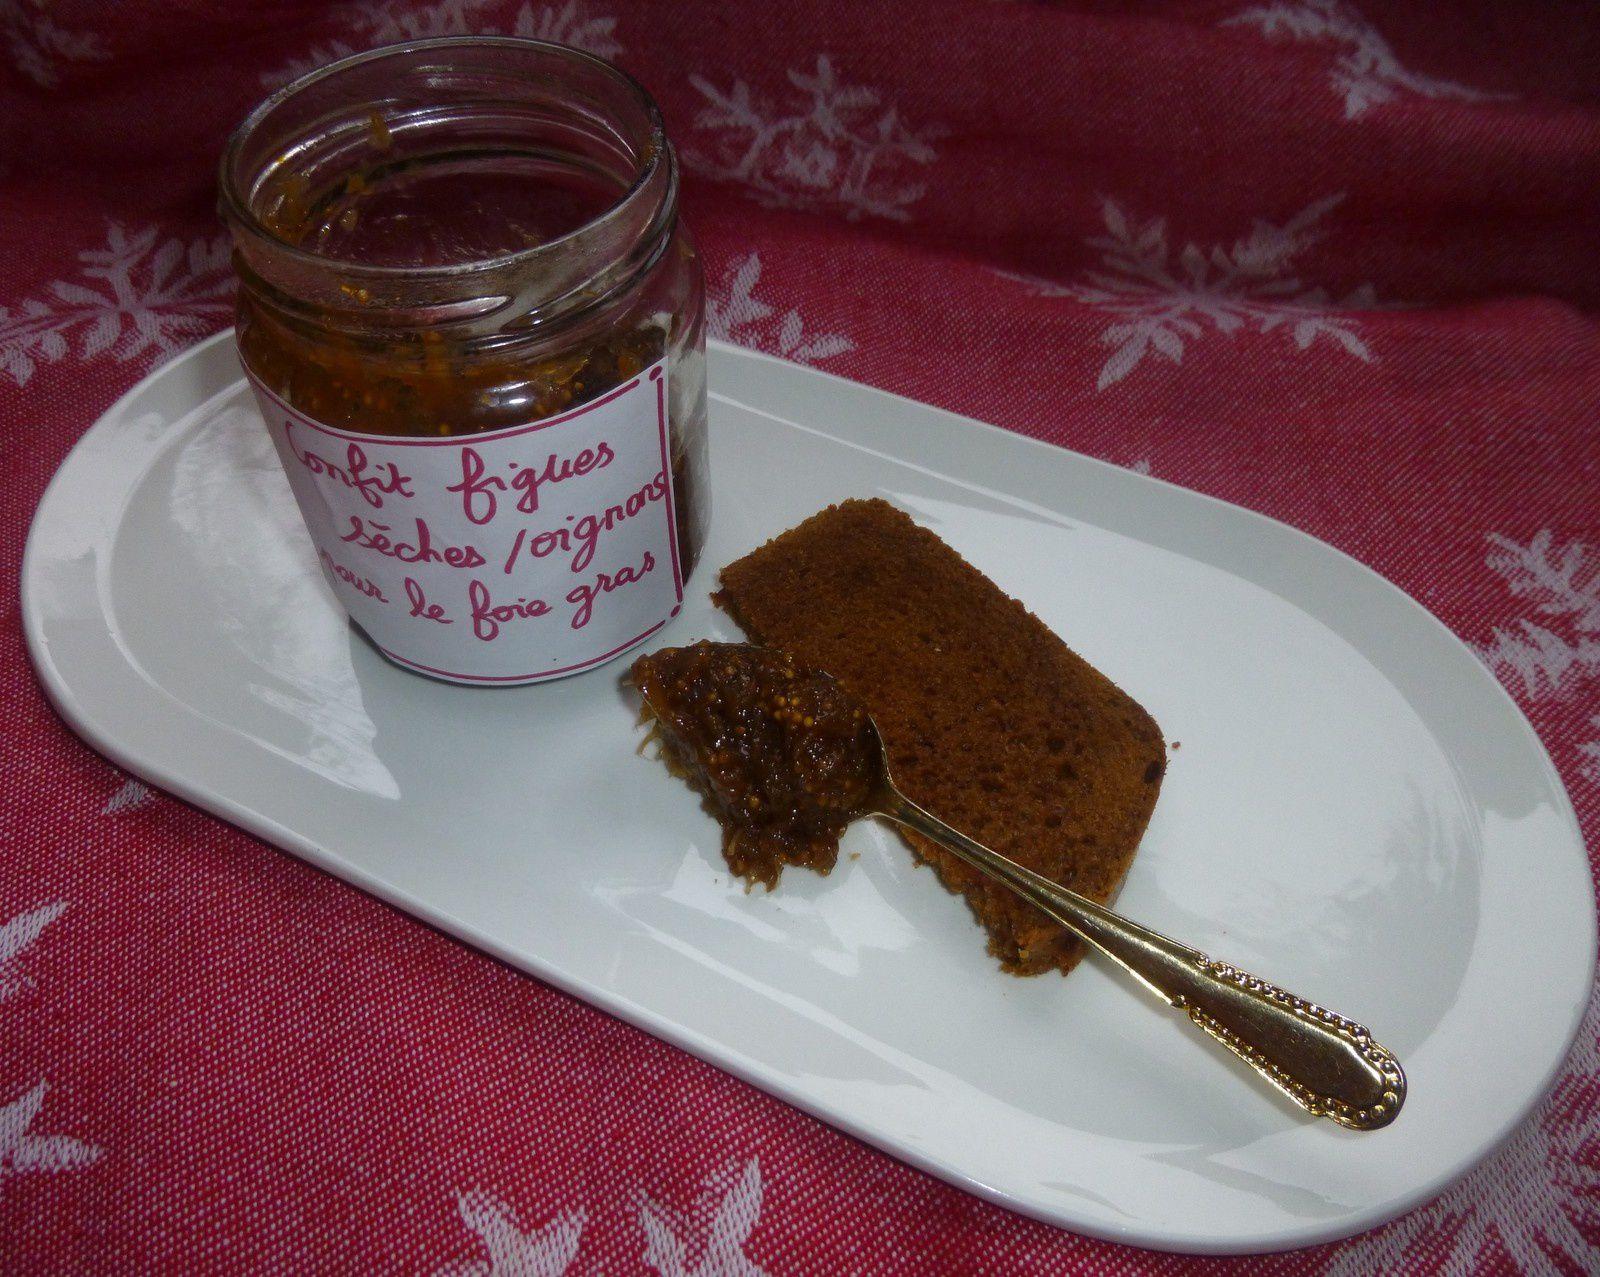 confit de figues sèches/oignons pour accompagner le foie gras